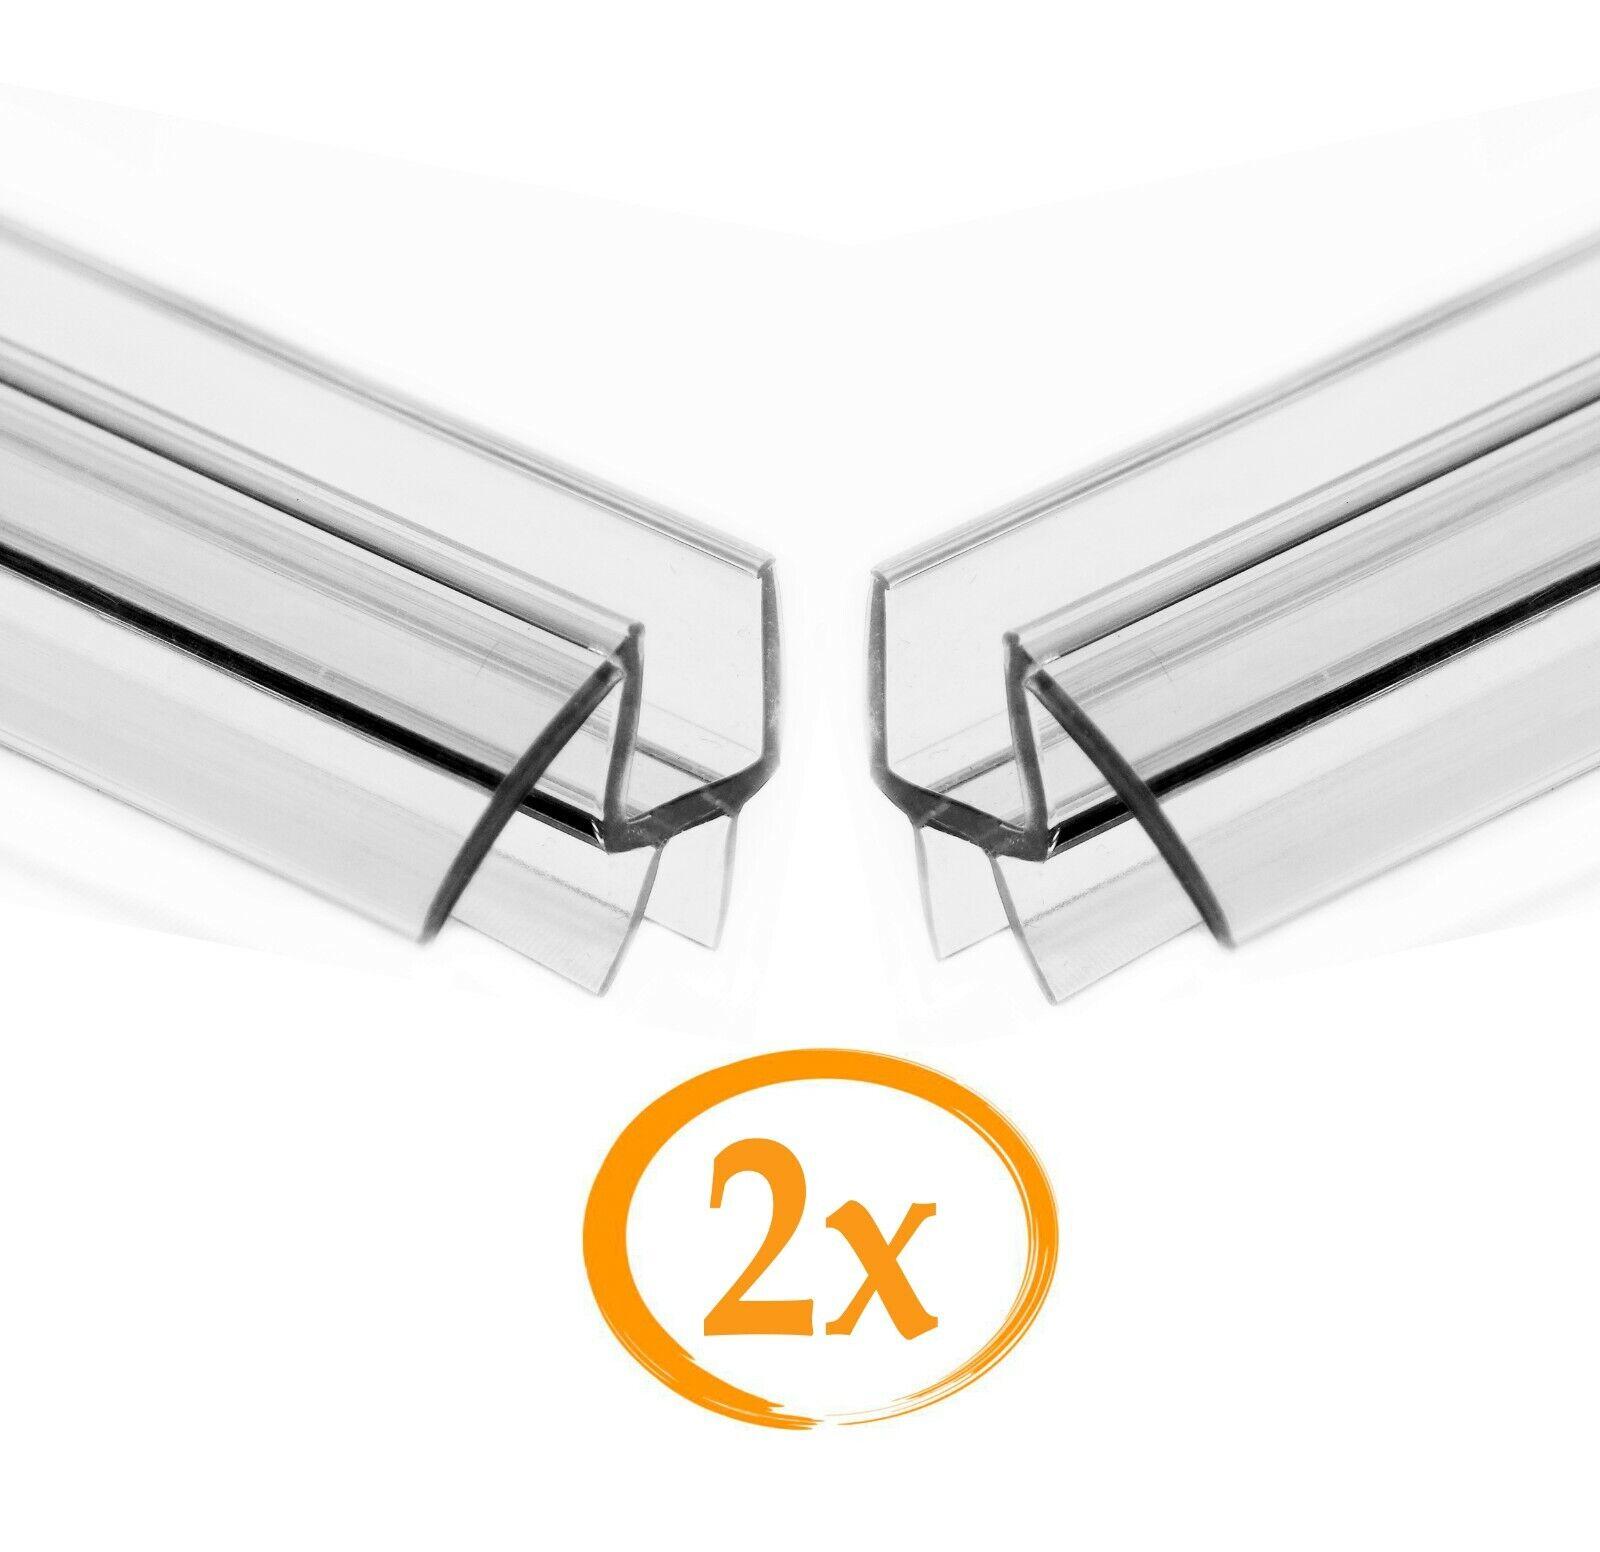 2 Pack Eatelle 3 8 Frameless Shower Door Sweep Bottom Seal W Drip Rail 36 L